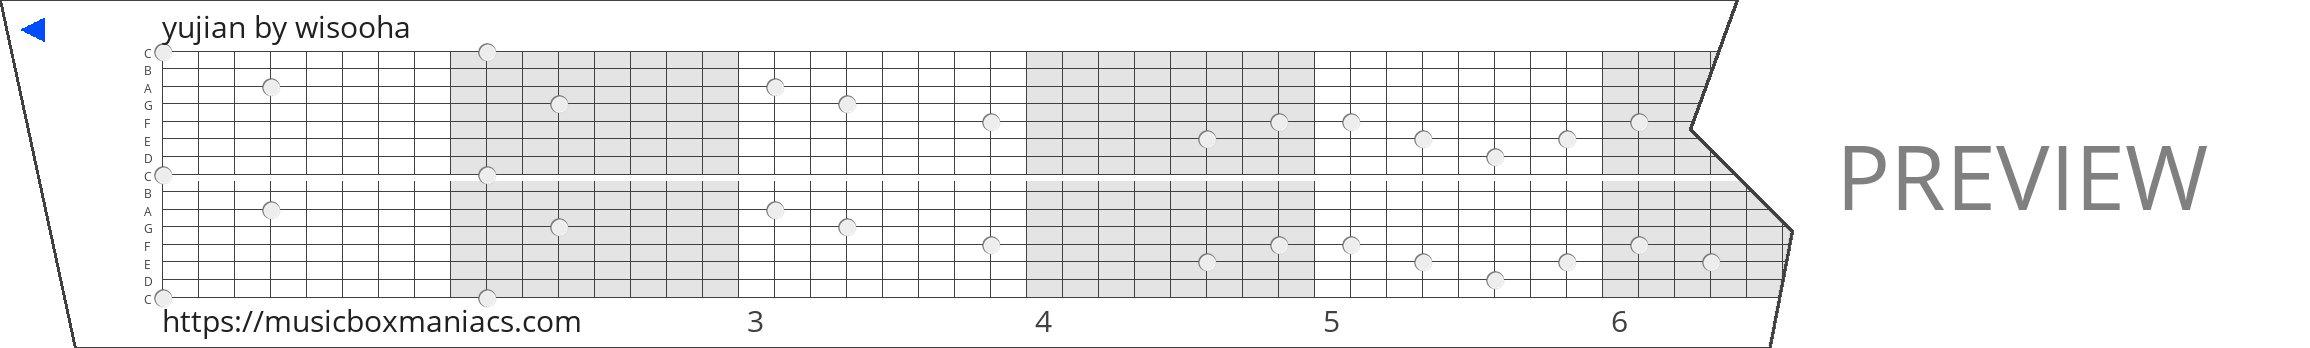 yujian 15 note music box paper strip